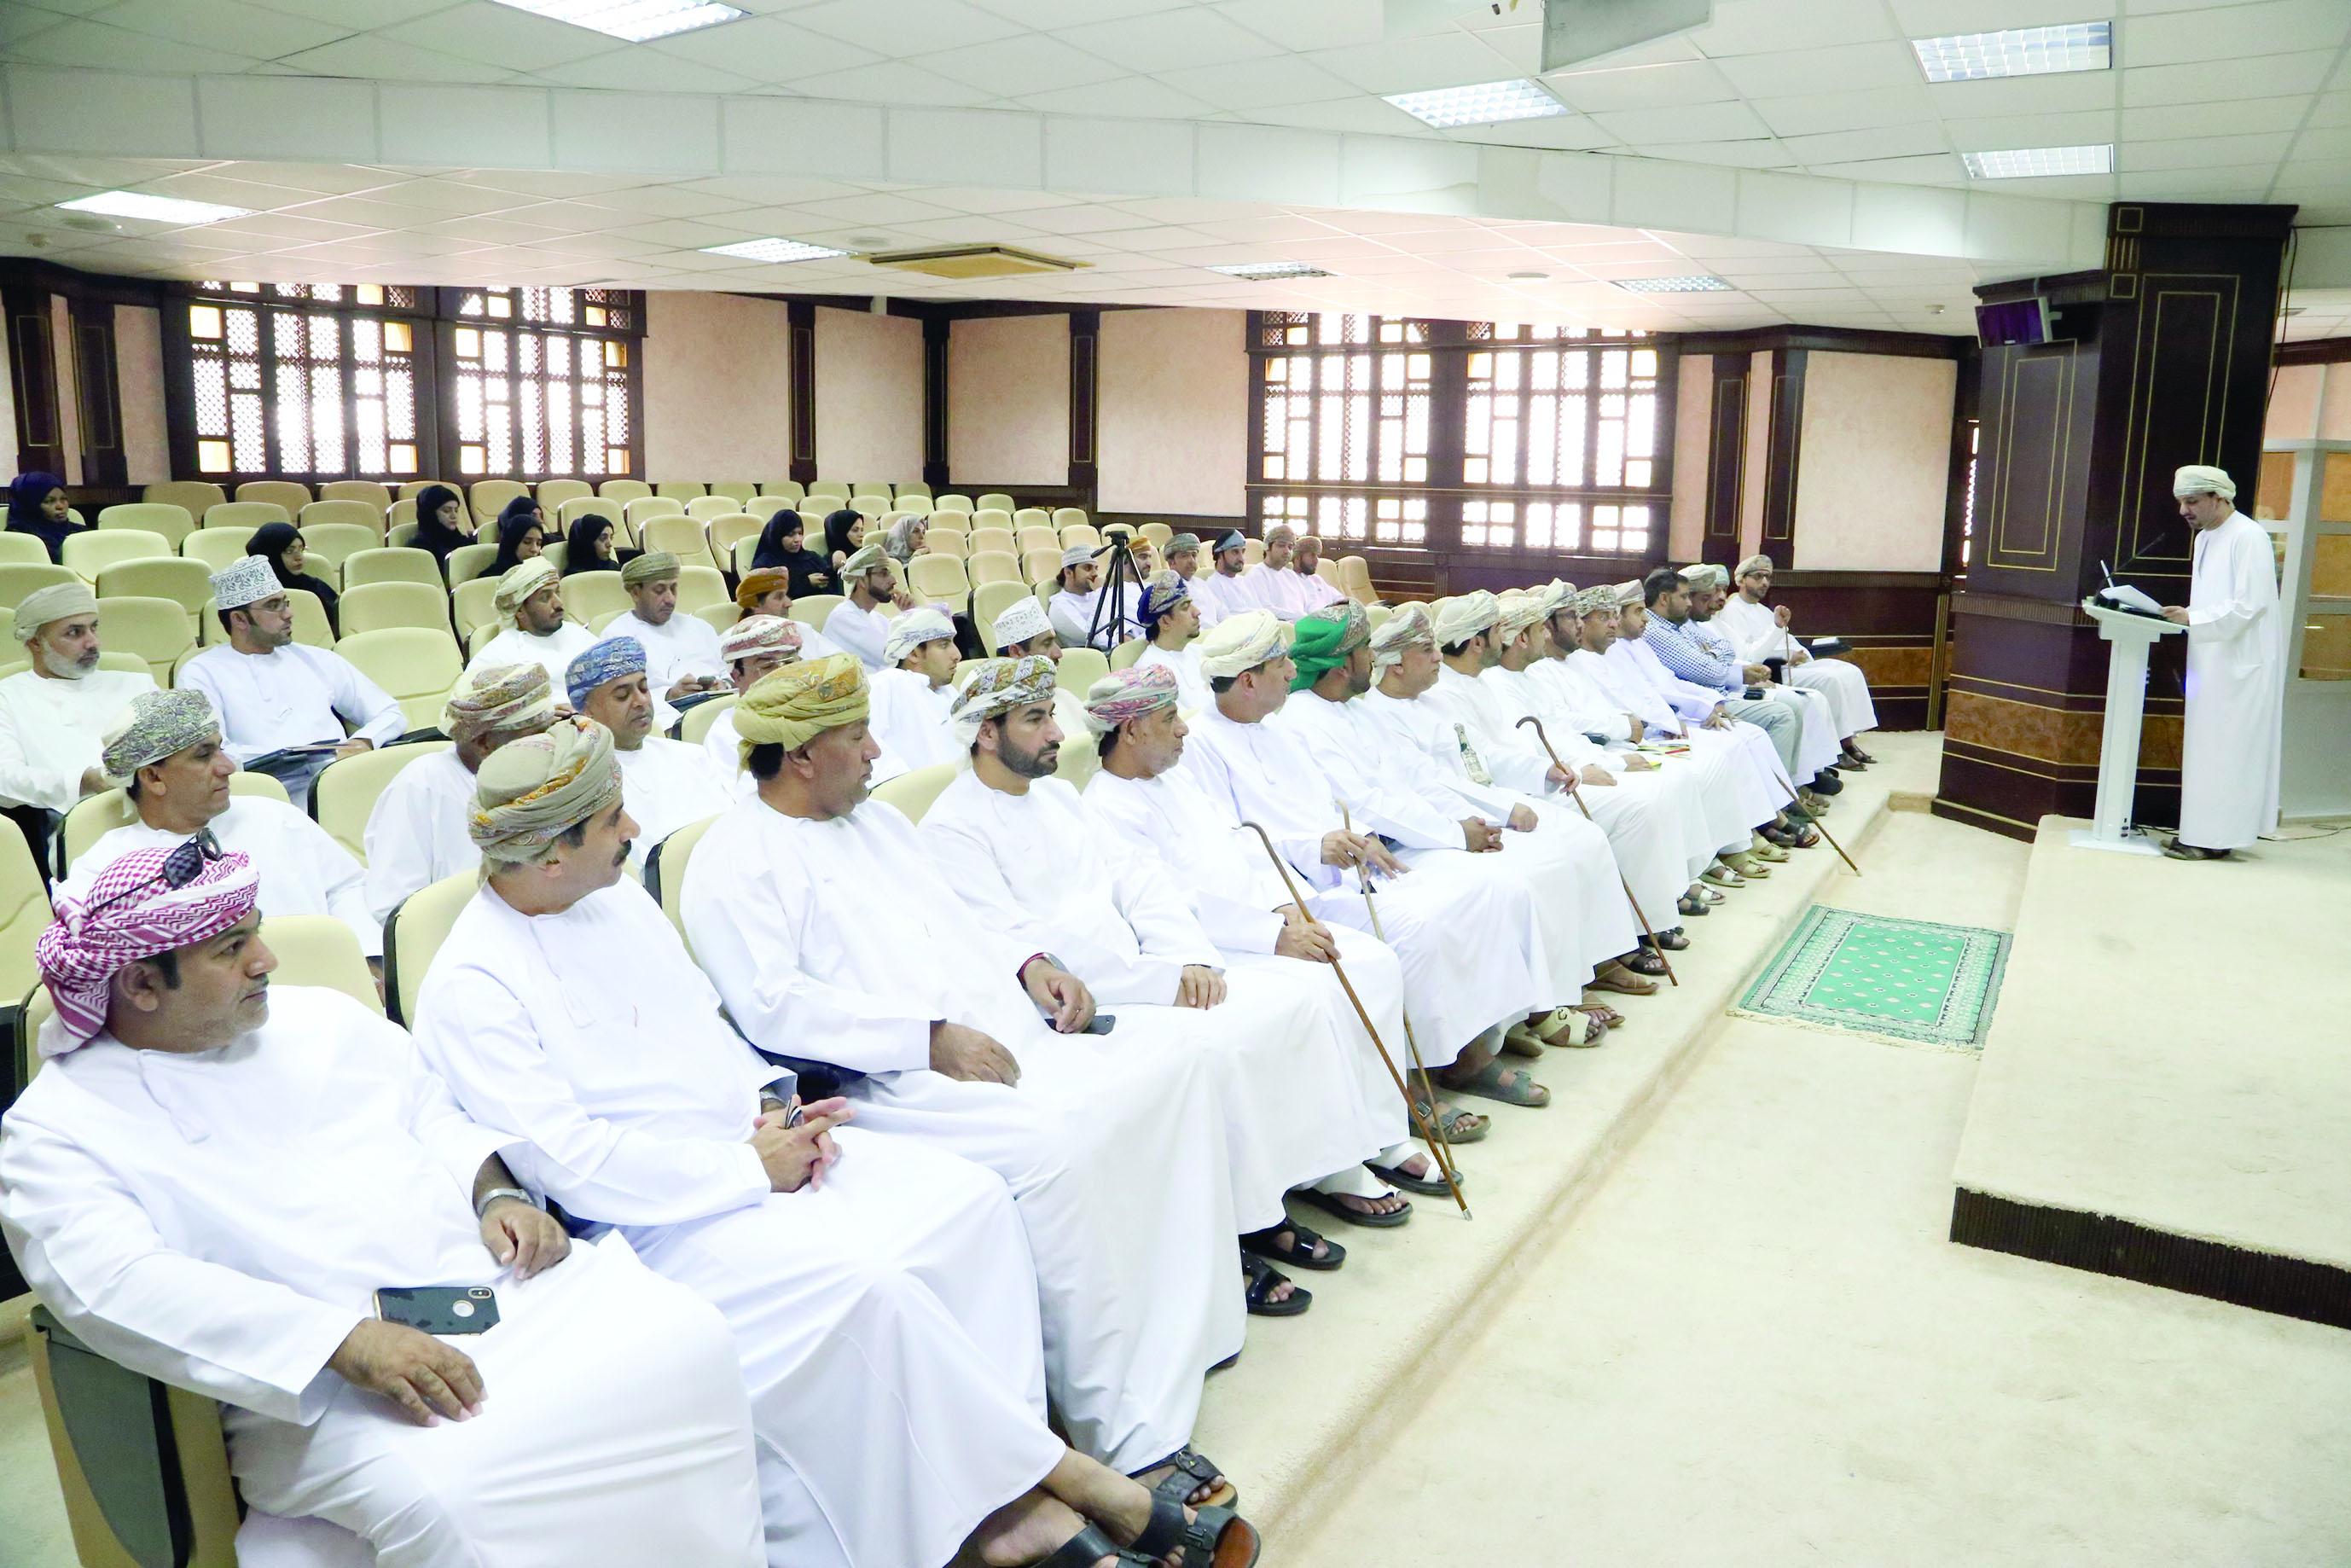 بالتعاون مع «الغرفة»هيئة الدقم تواصل عقد سلسلة ندوات «الفرص الاستثمارية»